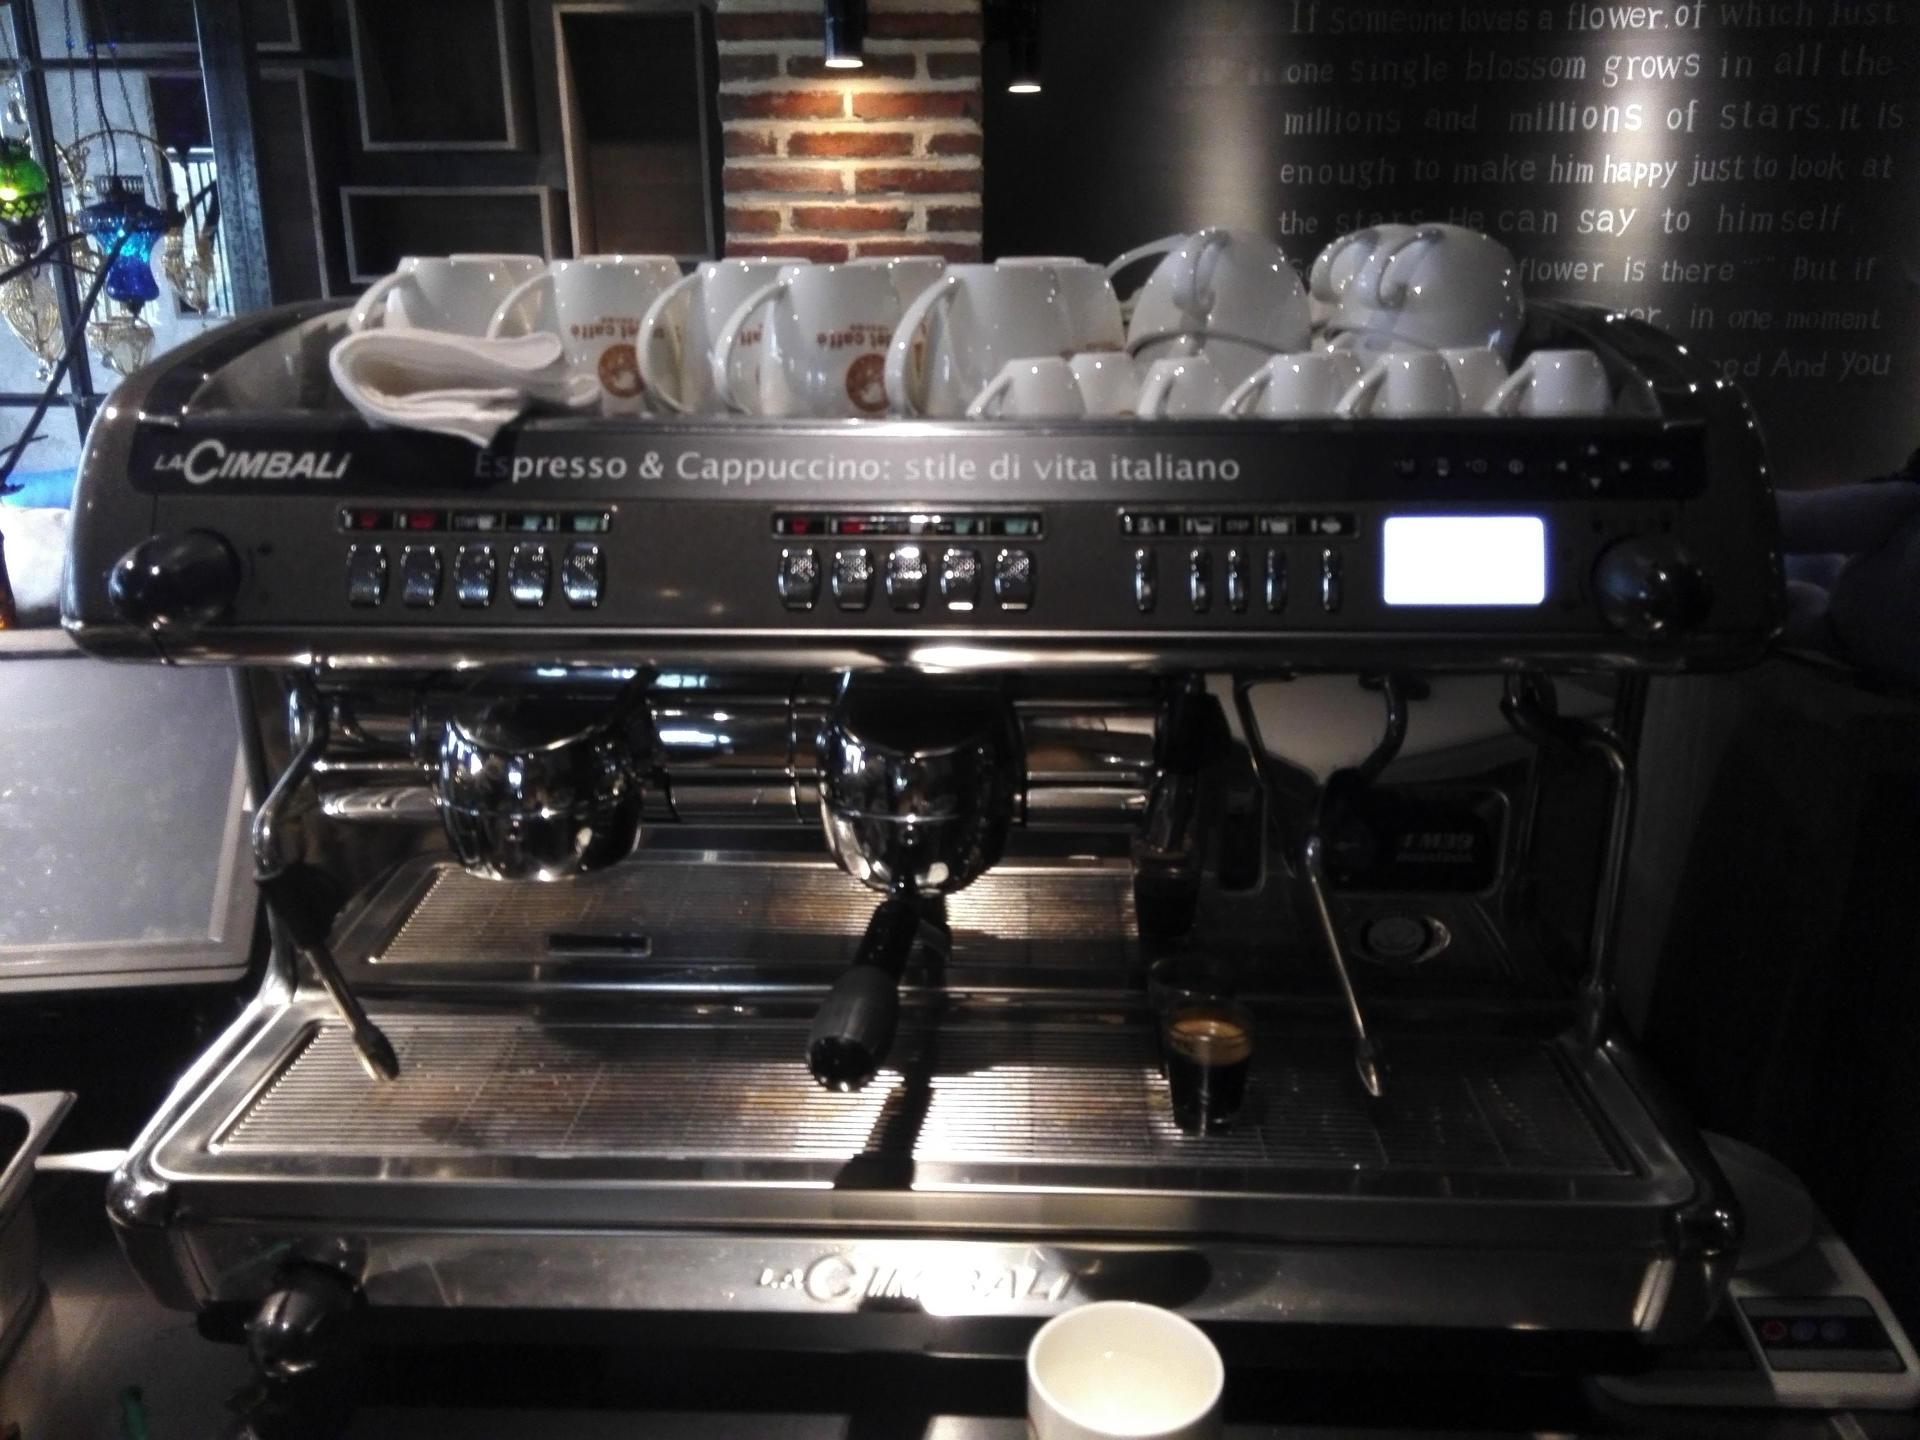 二手意大利咖啡機回收 意式咖啡機回收 辣媽咖啡機回收 黑鷹咖啡機回收 飛馬咖啡機回收